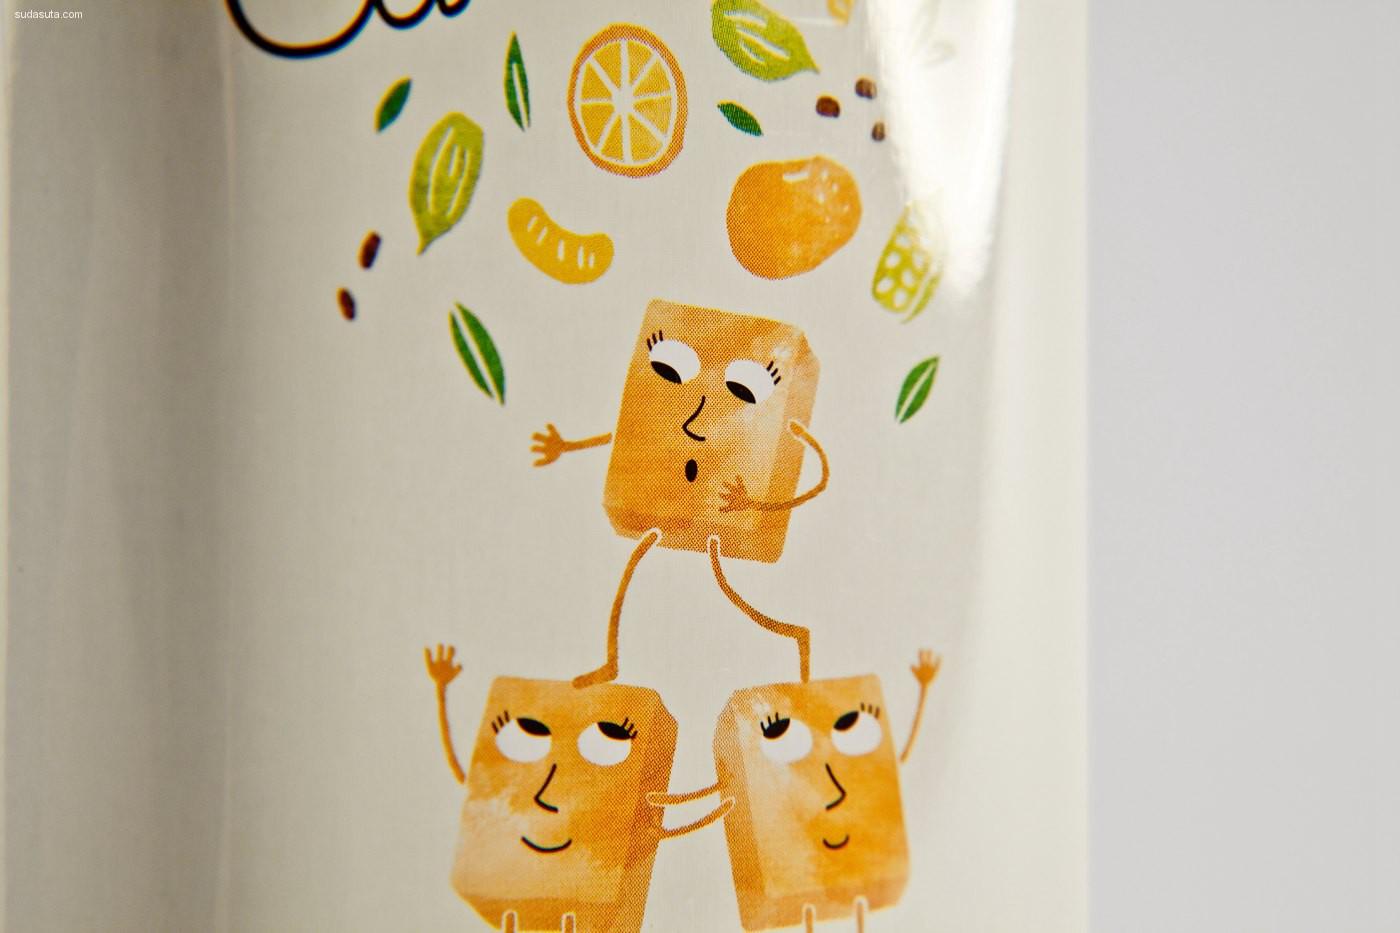 Happycentro 品牌设计欣赏